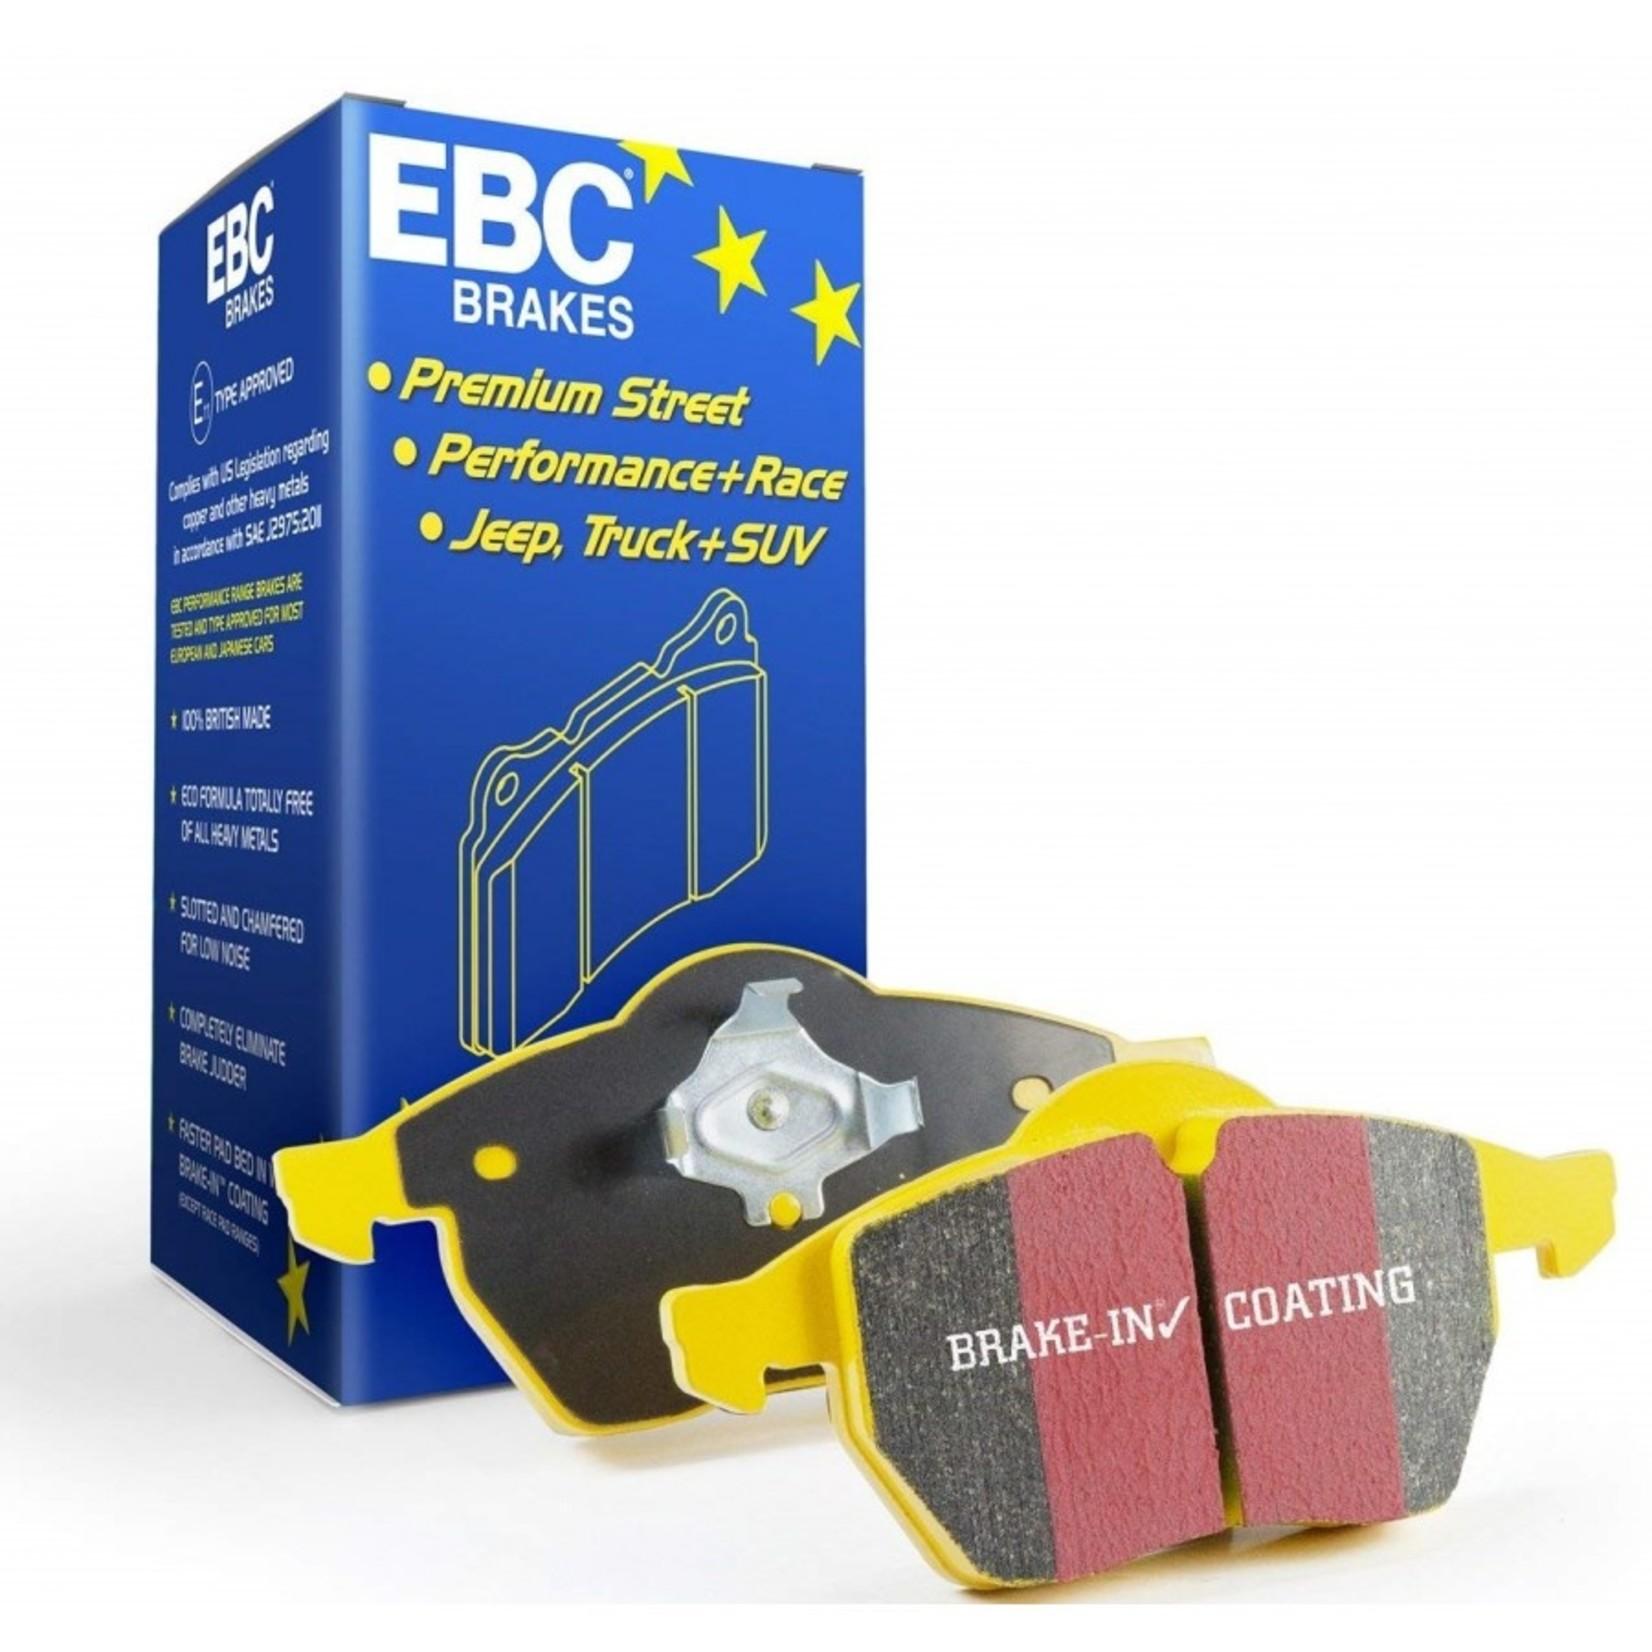 EBC Brakes Remblokkenset F serie M sport remmen front (DP42130R)